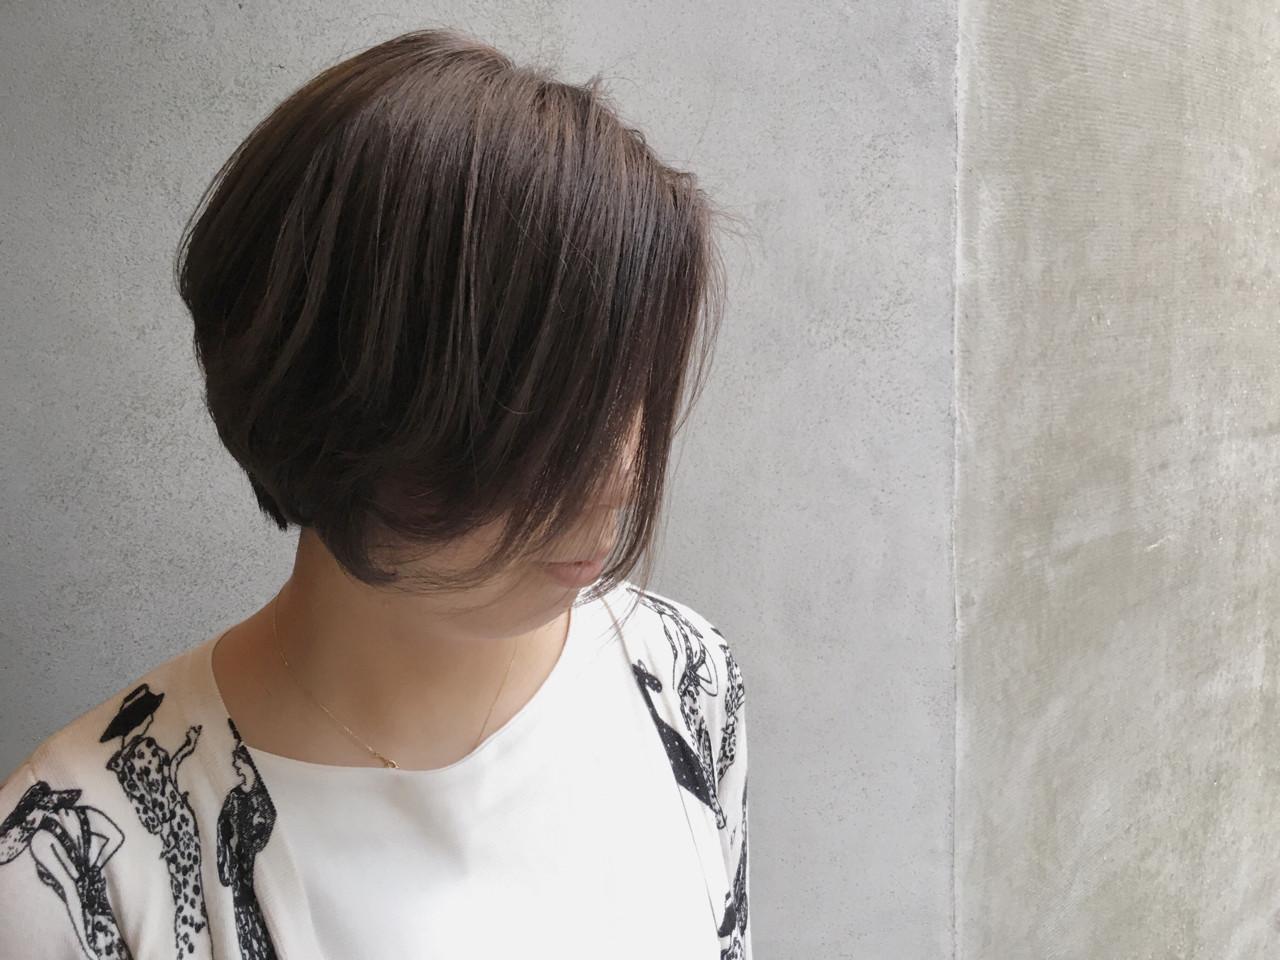 暗髪 ショート グレージュ グレーアッシュ ヘアスタイルや髪型の写真・画像